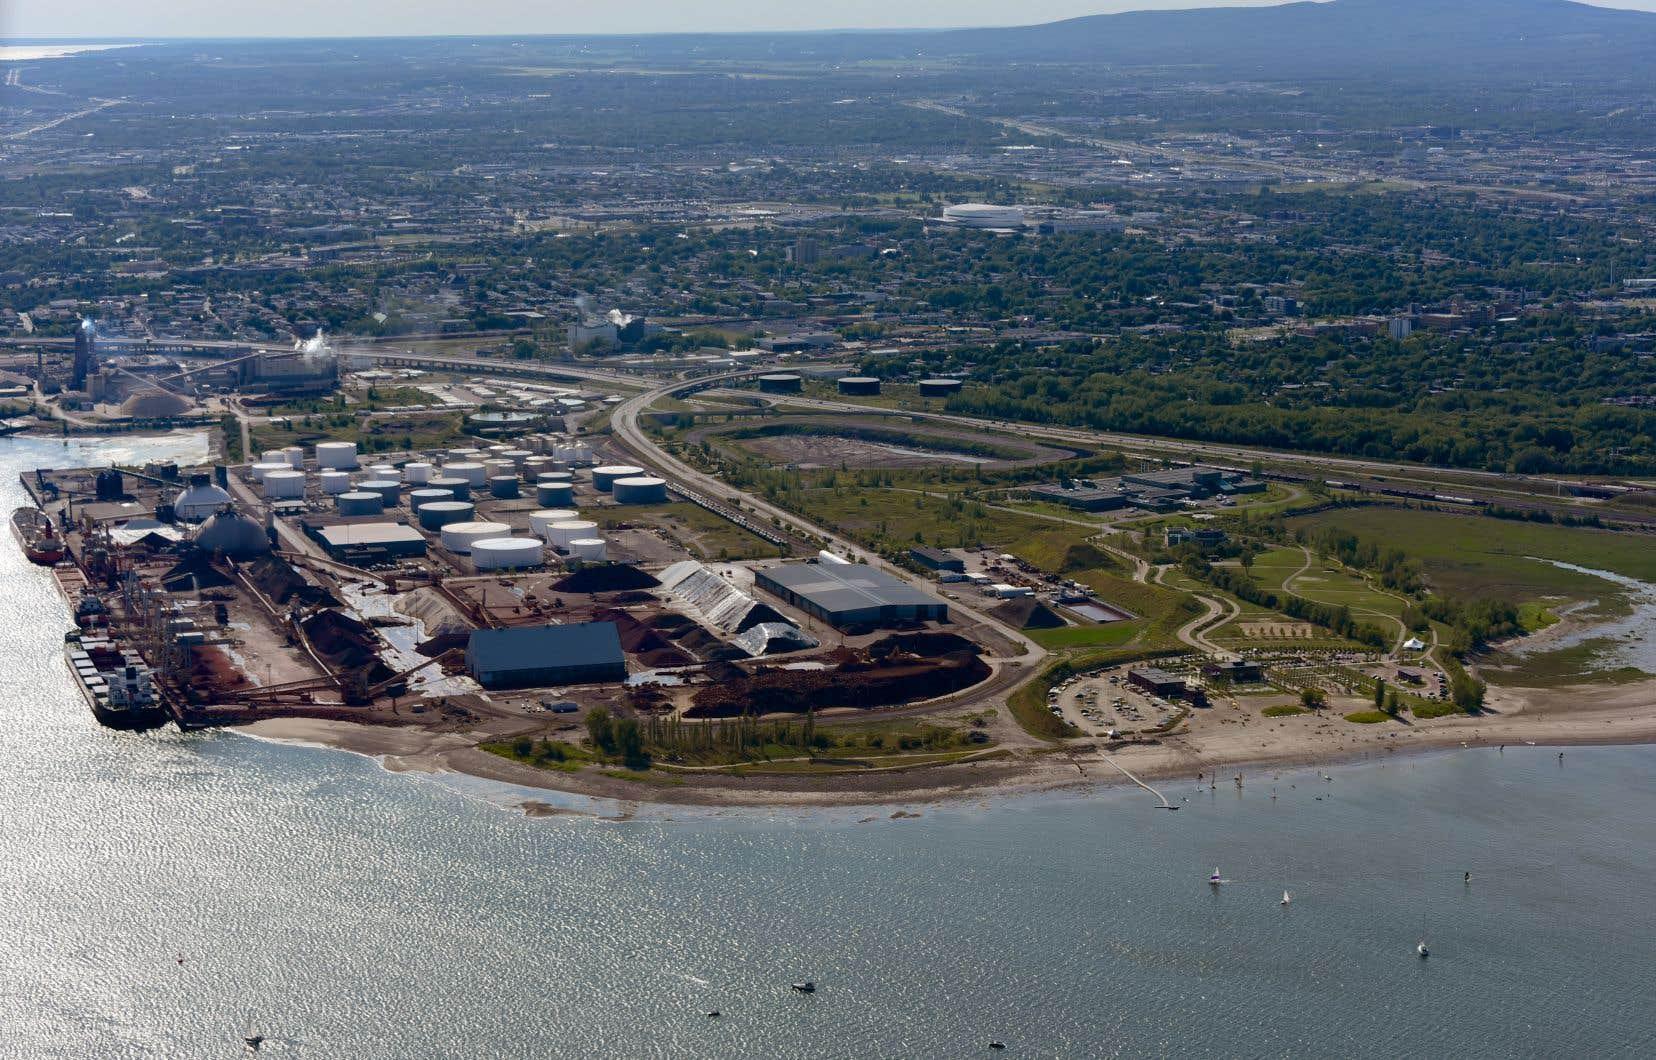 Le projet d'expansion portuaire du secteur de Beauport, rebaptisé Laurentia au printemps dernier, nécessiterait la construction d'un nouveau quai de 610 mètres, le dragage de plus de 900000m3 de sédiments et le remblaiement d'une partie du fleuve pour créer un nouvel «espace» de 170000m2 afin de stocker des conteneurs.